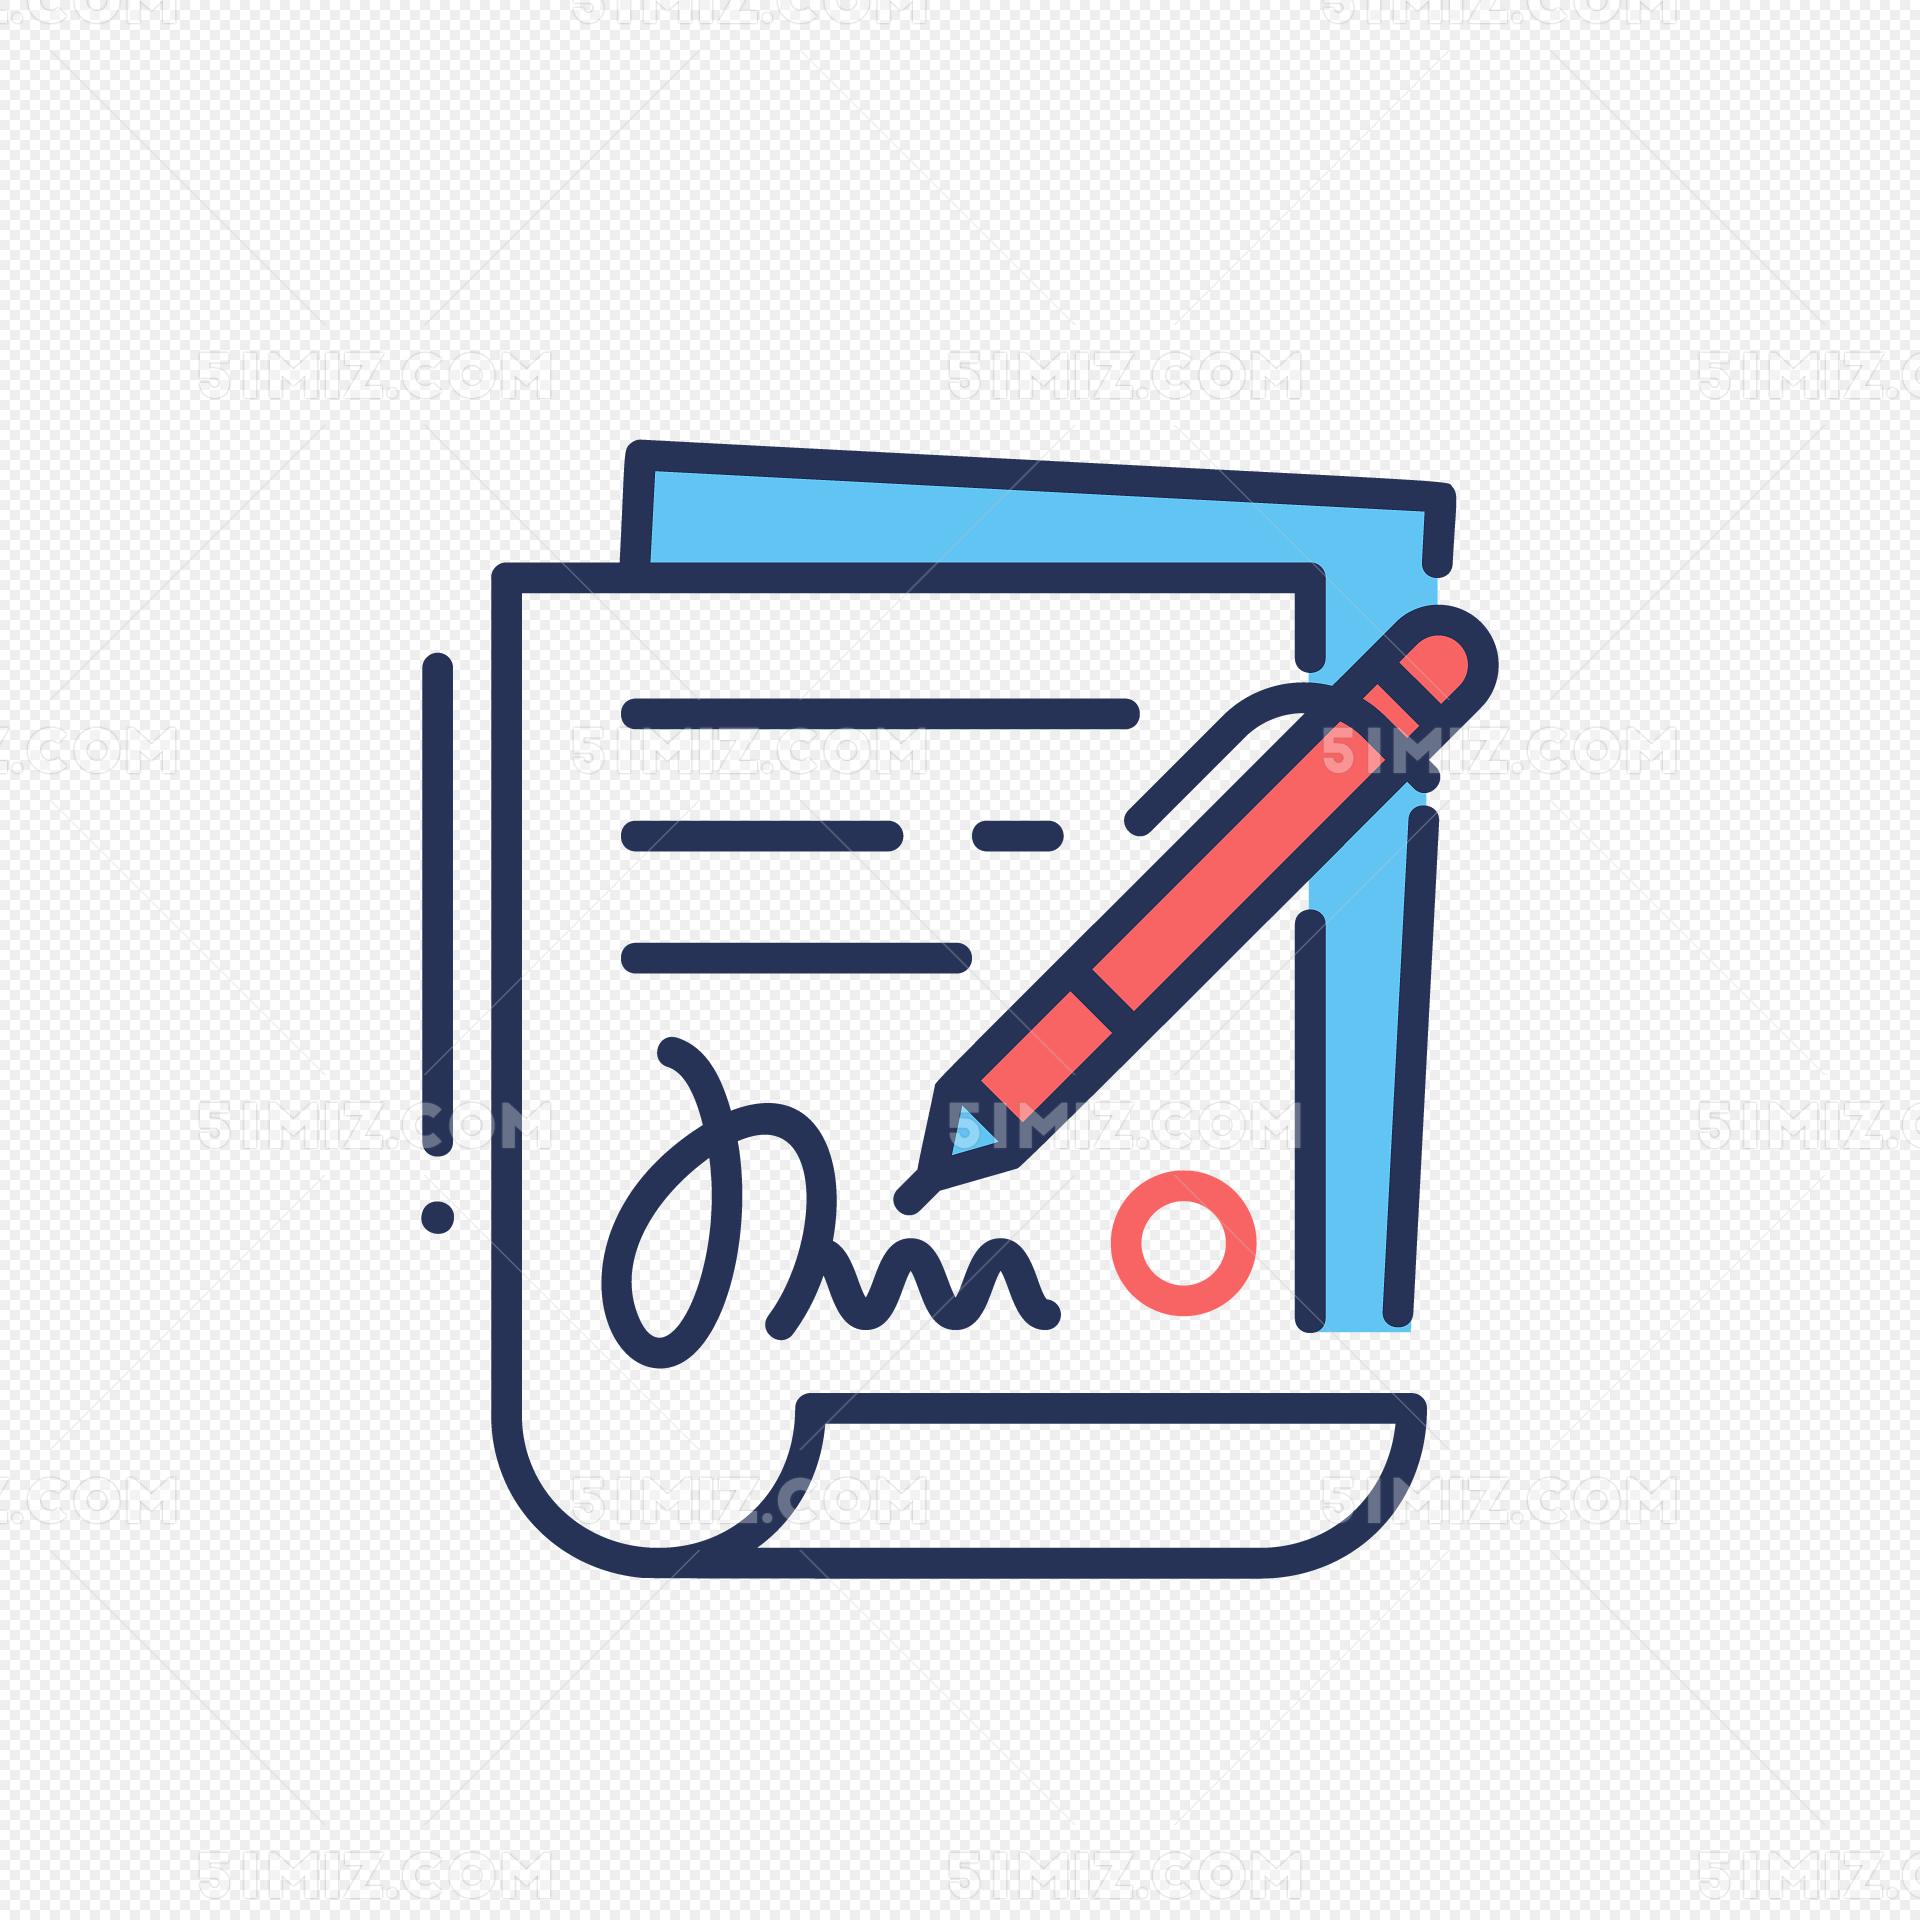 写字的纸笔矢量图免费下载